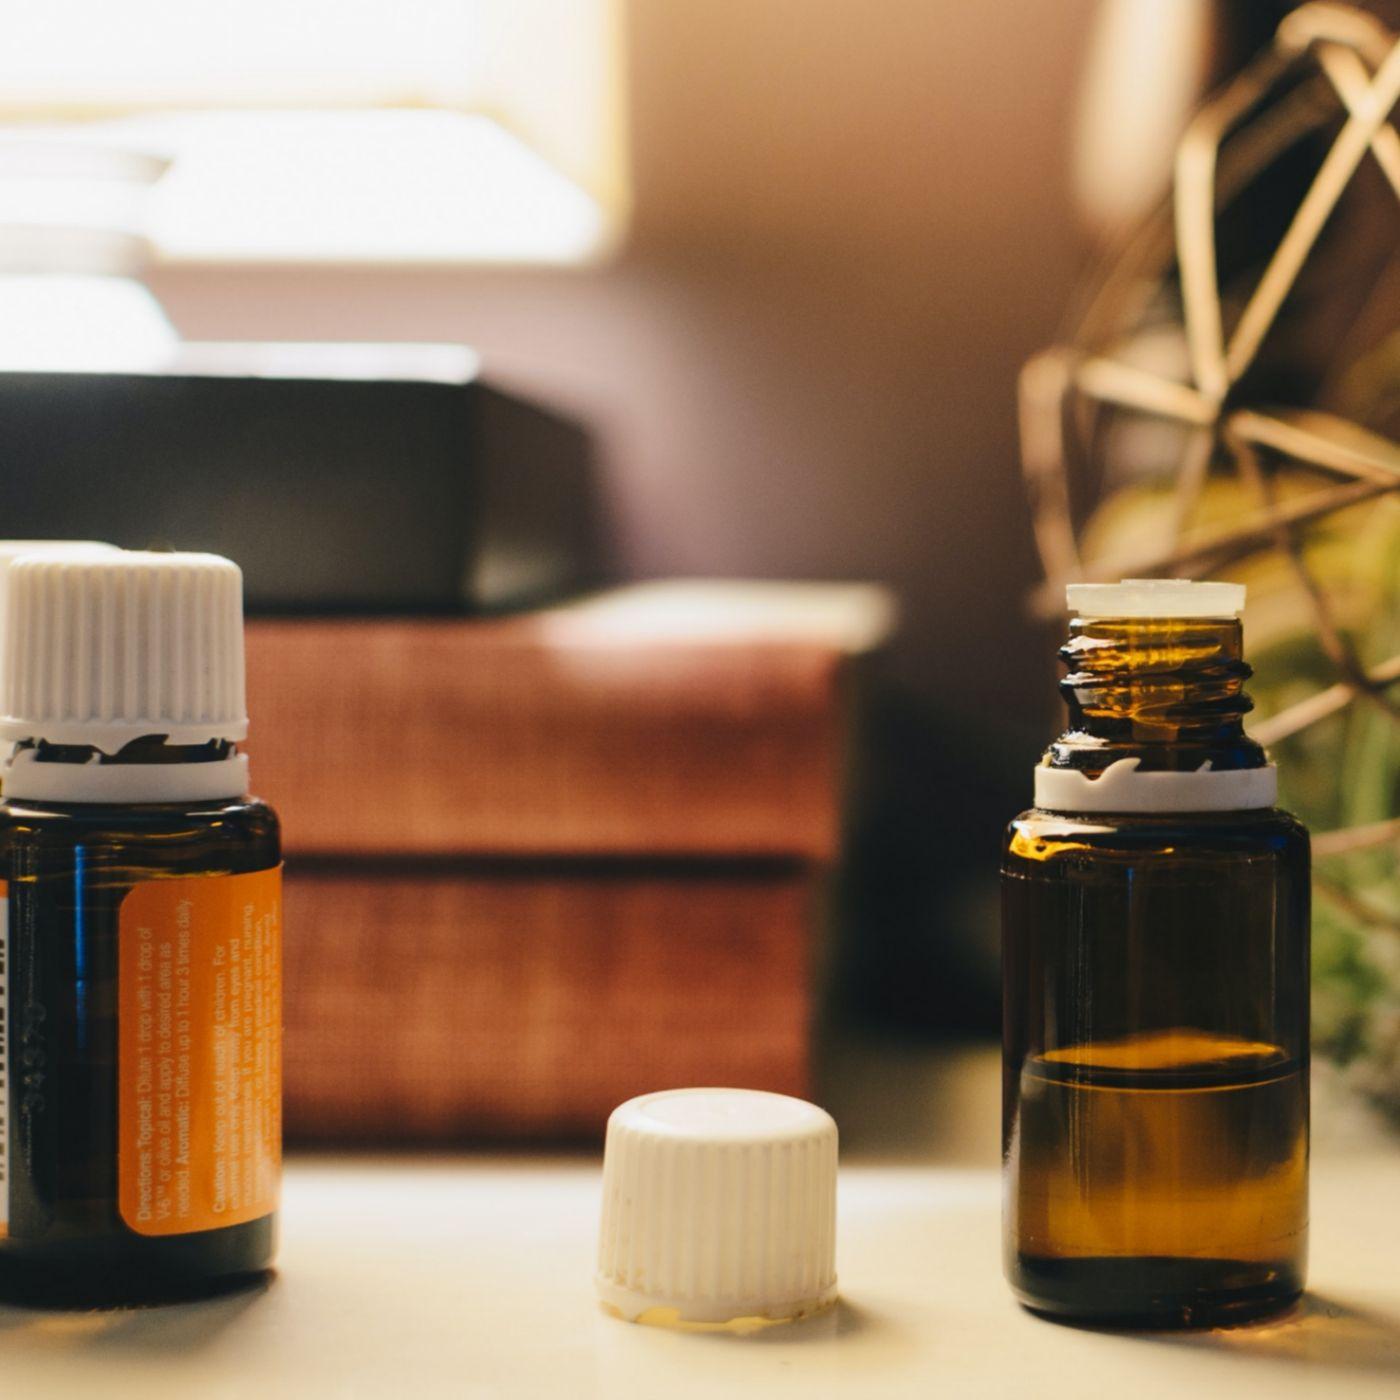 Come utilizzo l'olio essenziale di eucalipto